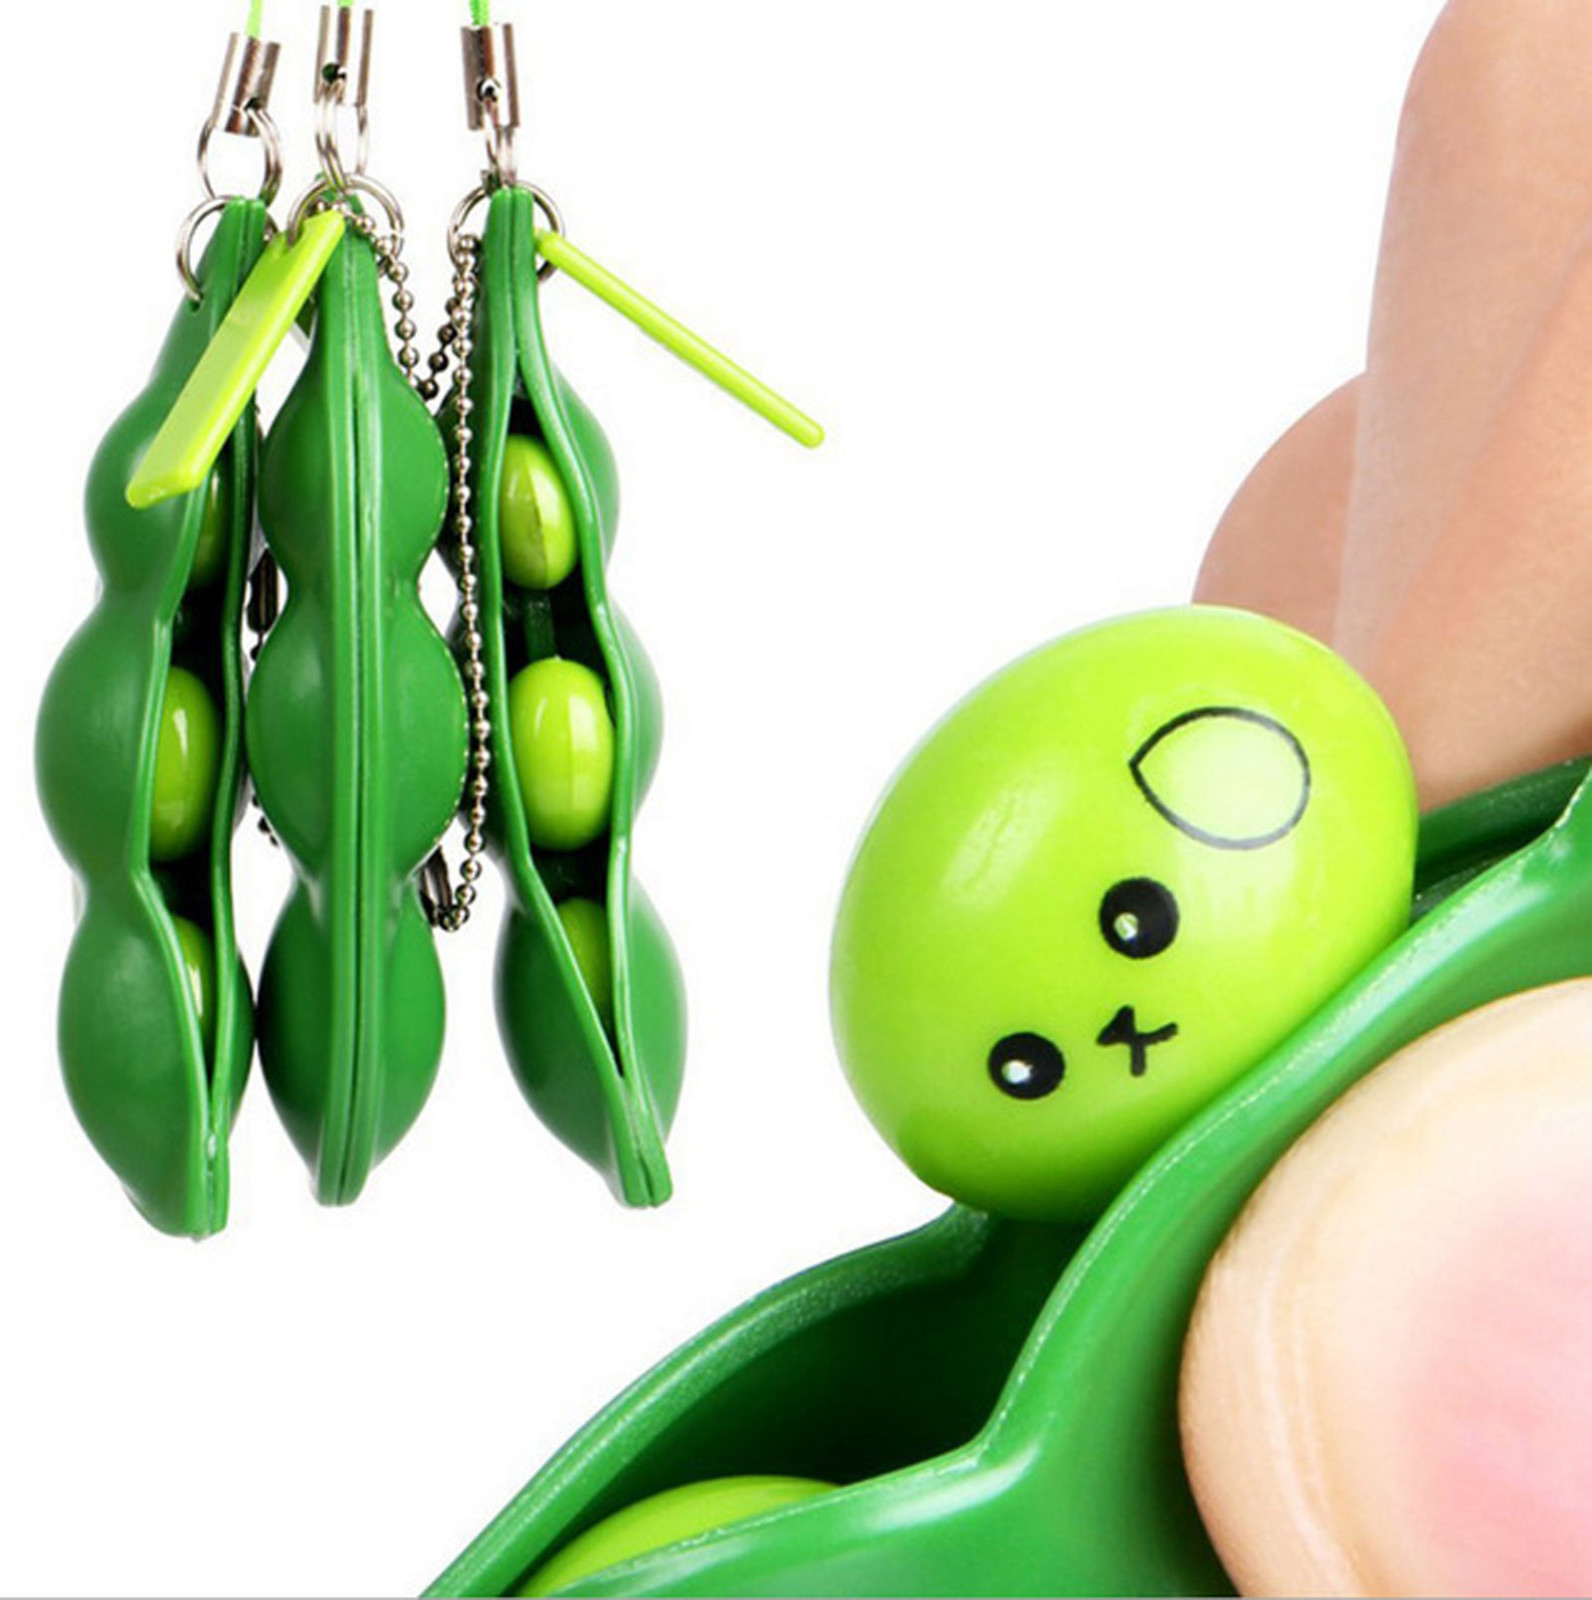 Игрушки-антистресс эдамаме игрушки поп-это сжимаемые игрушки в виде горошин бобы брелок симпатичная игрушка-антистресс для взрослых резиновый подарок на Рождество для мальчиков